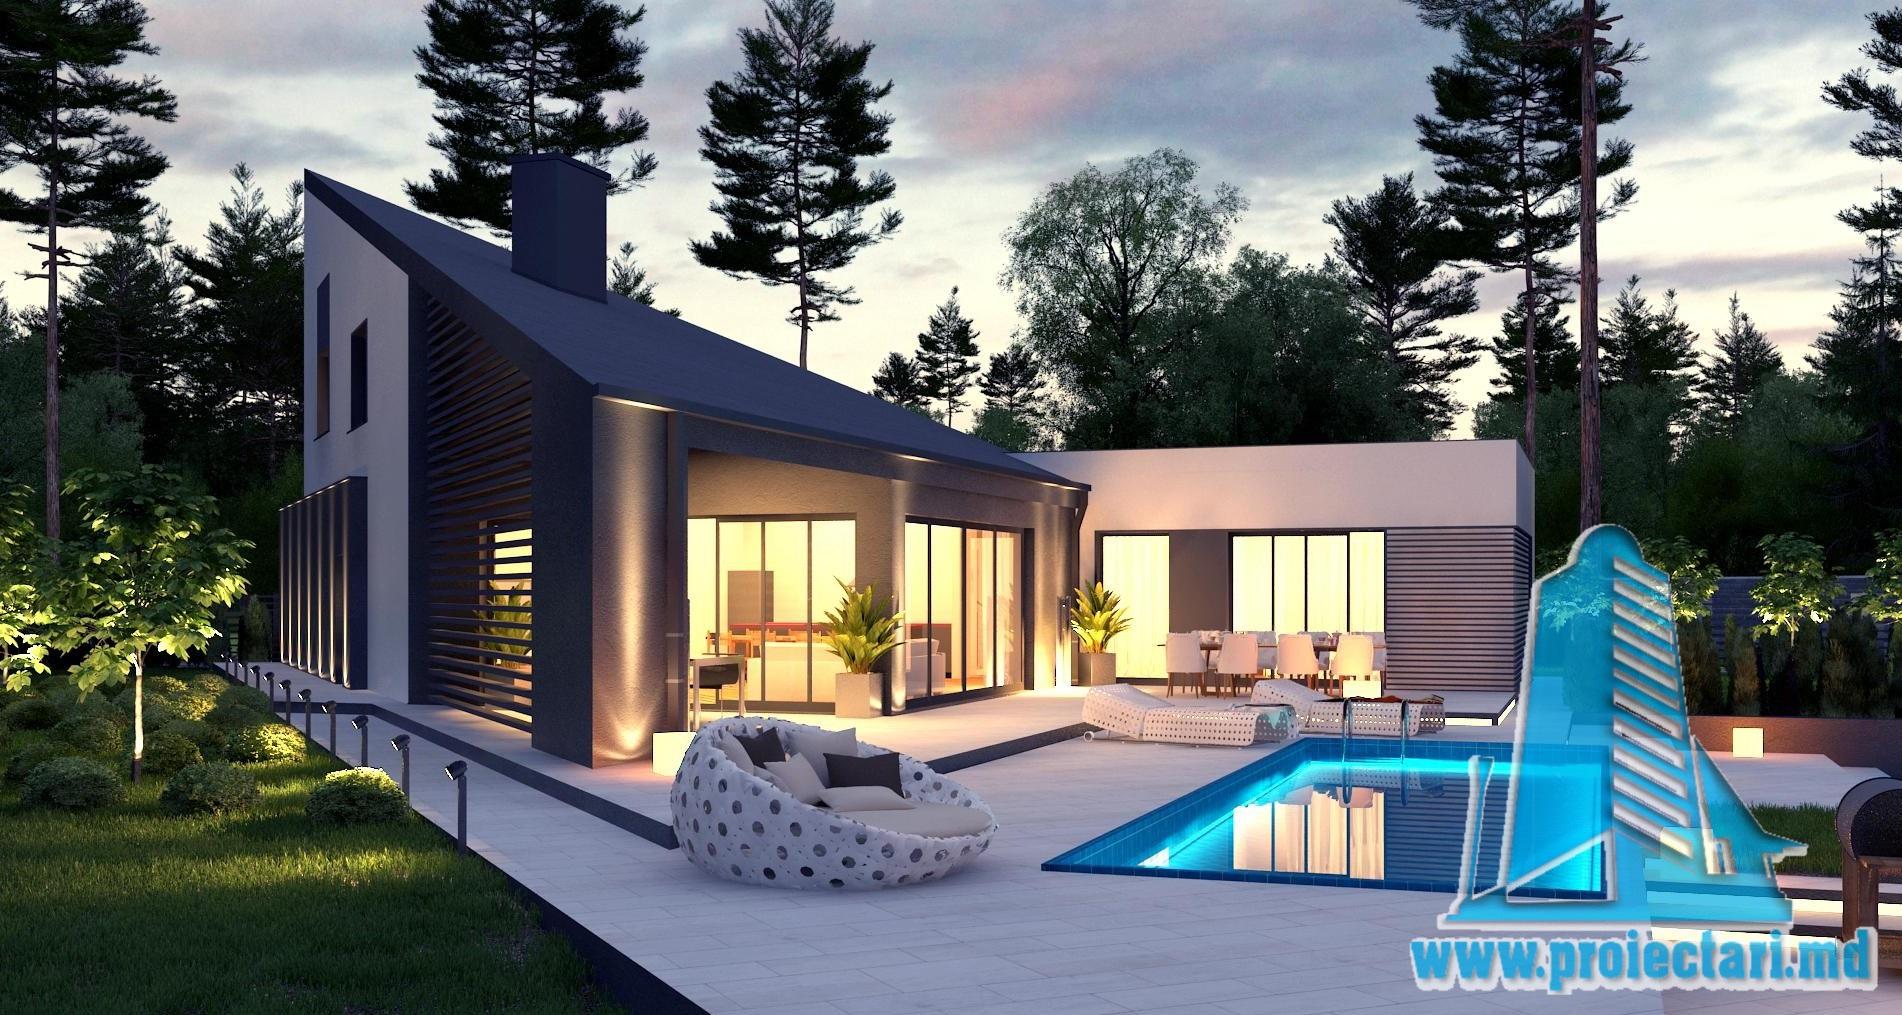 Proiect de casa cu parter cu terasa frumos amenajata si for Proiecte case cu etaj si terasa